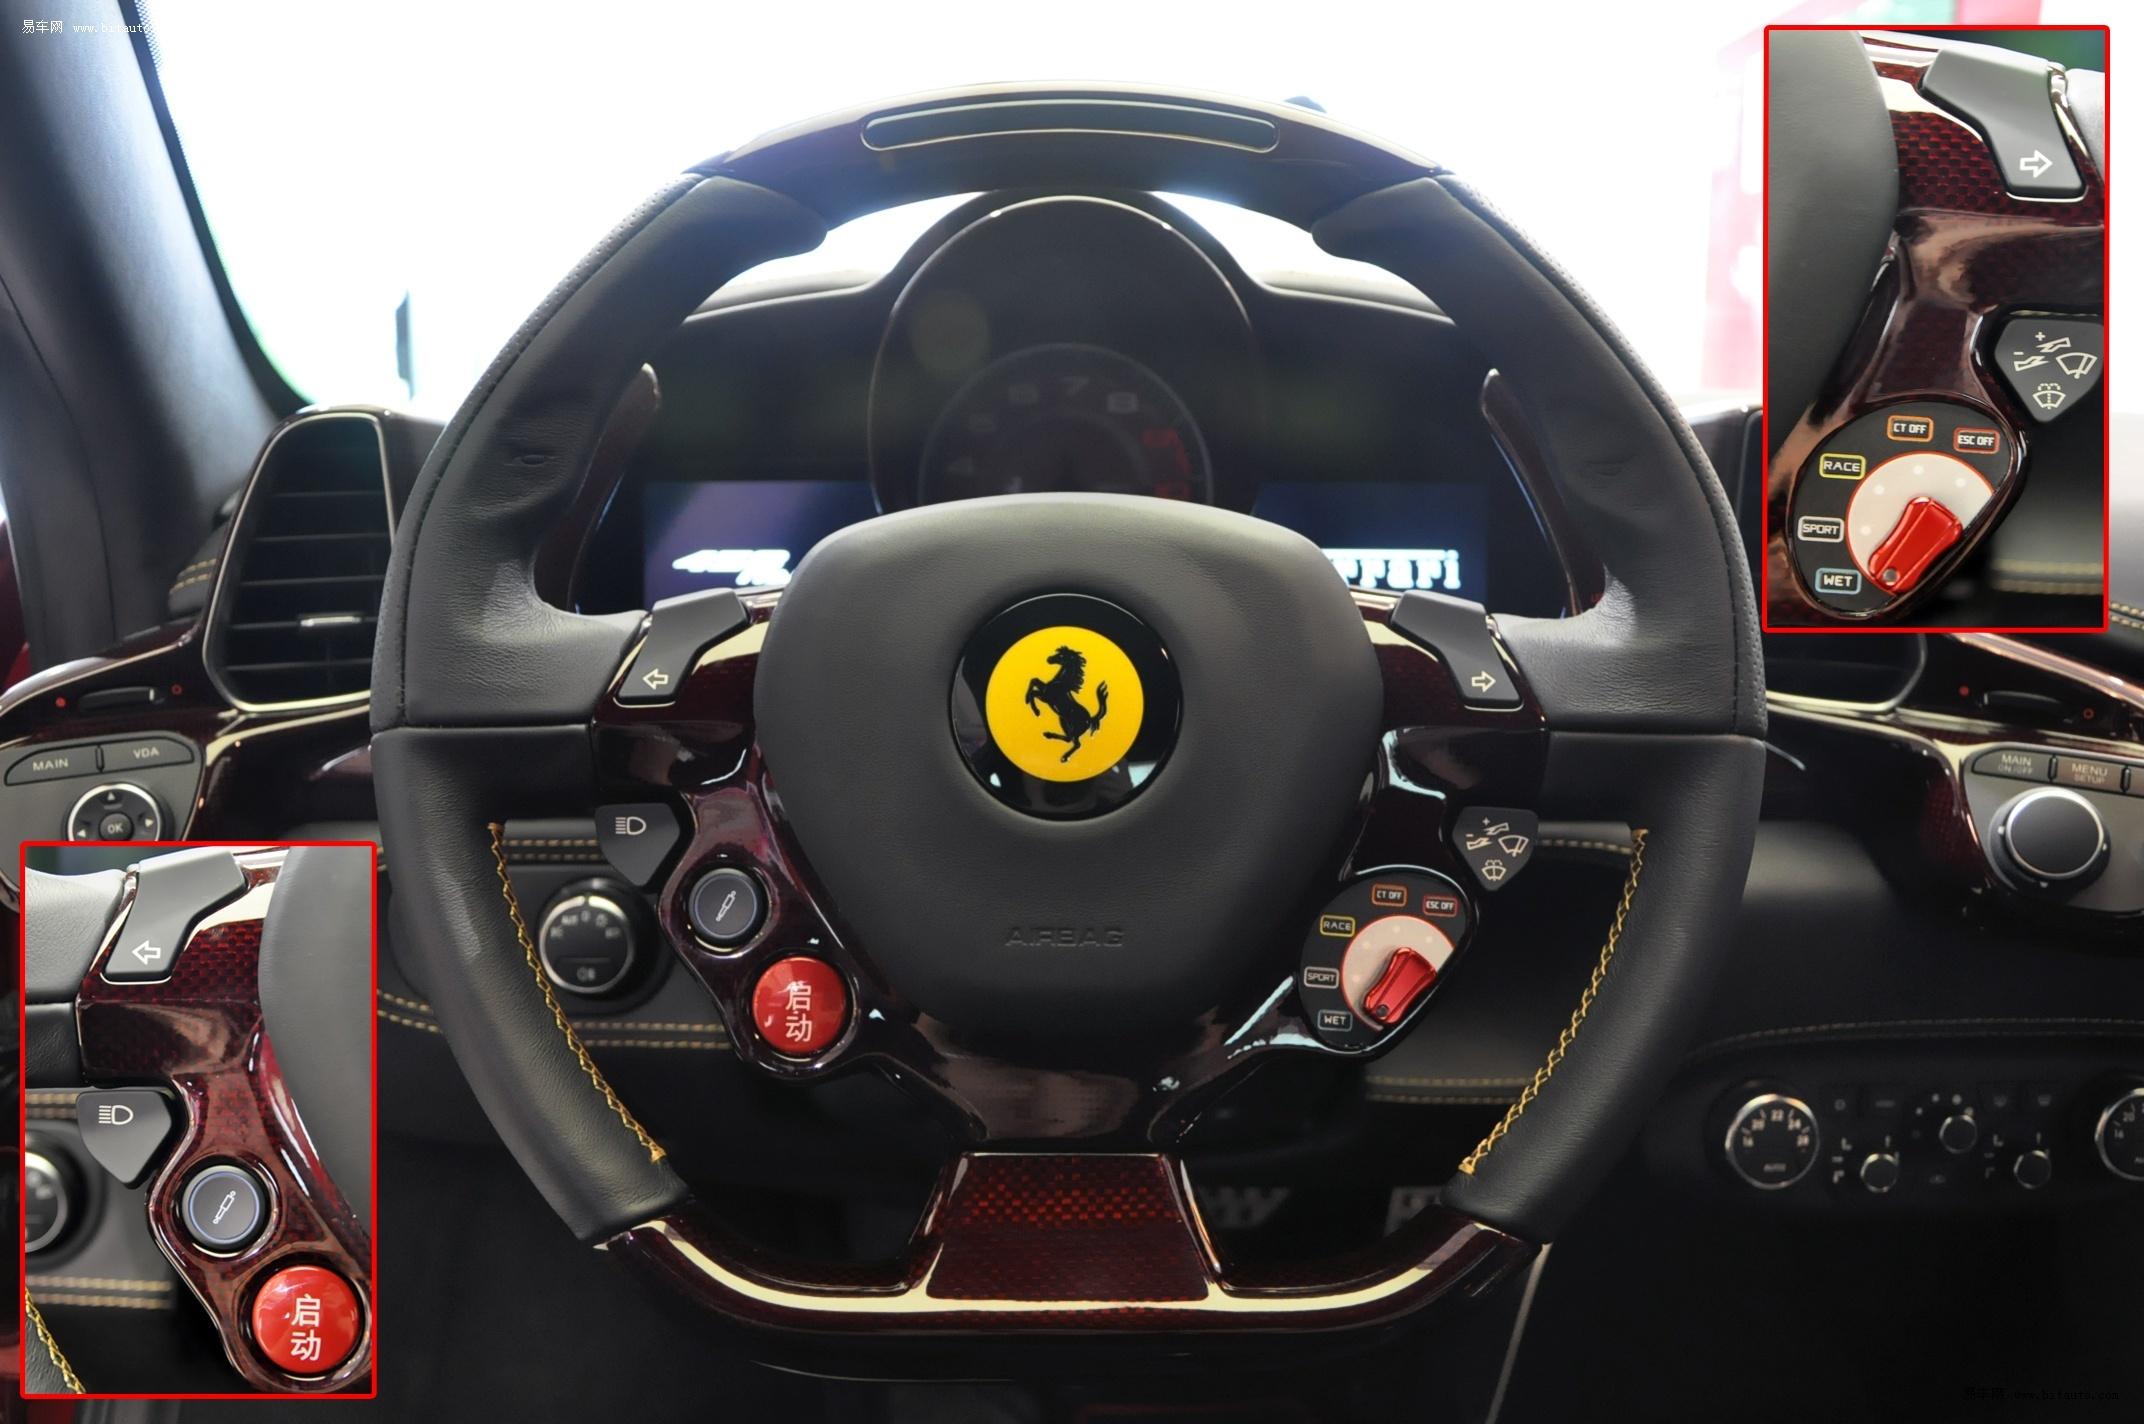 易车网实拍 法拉利458龙年限量版高清图片